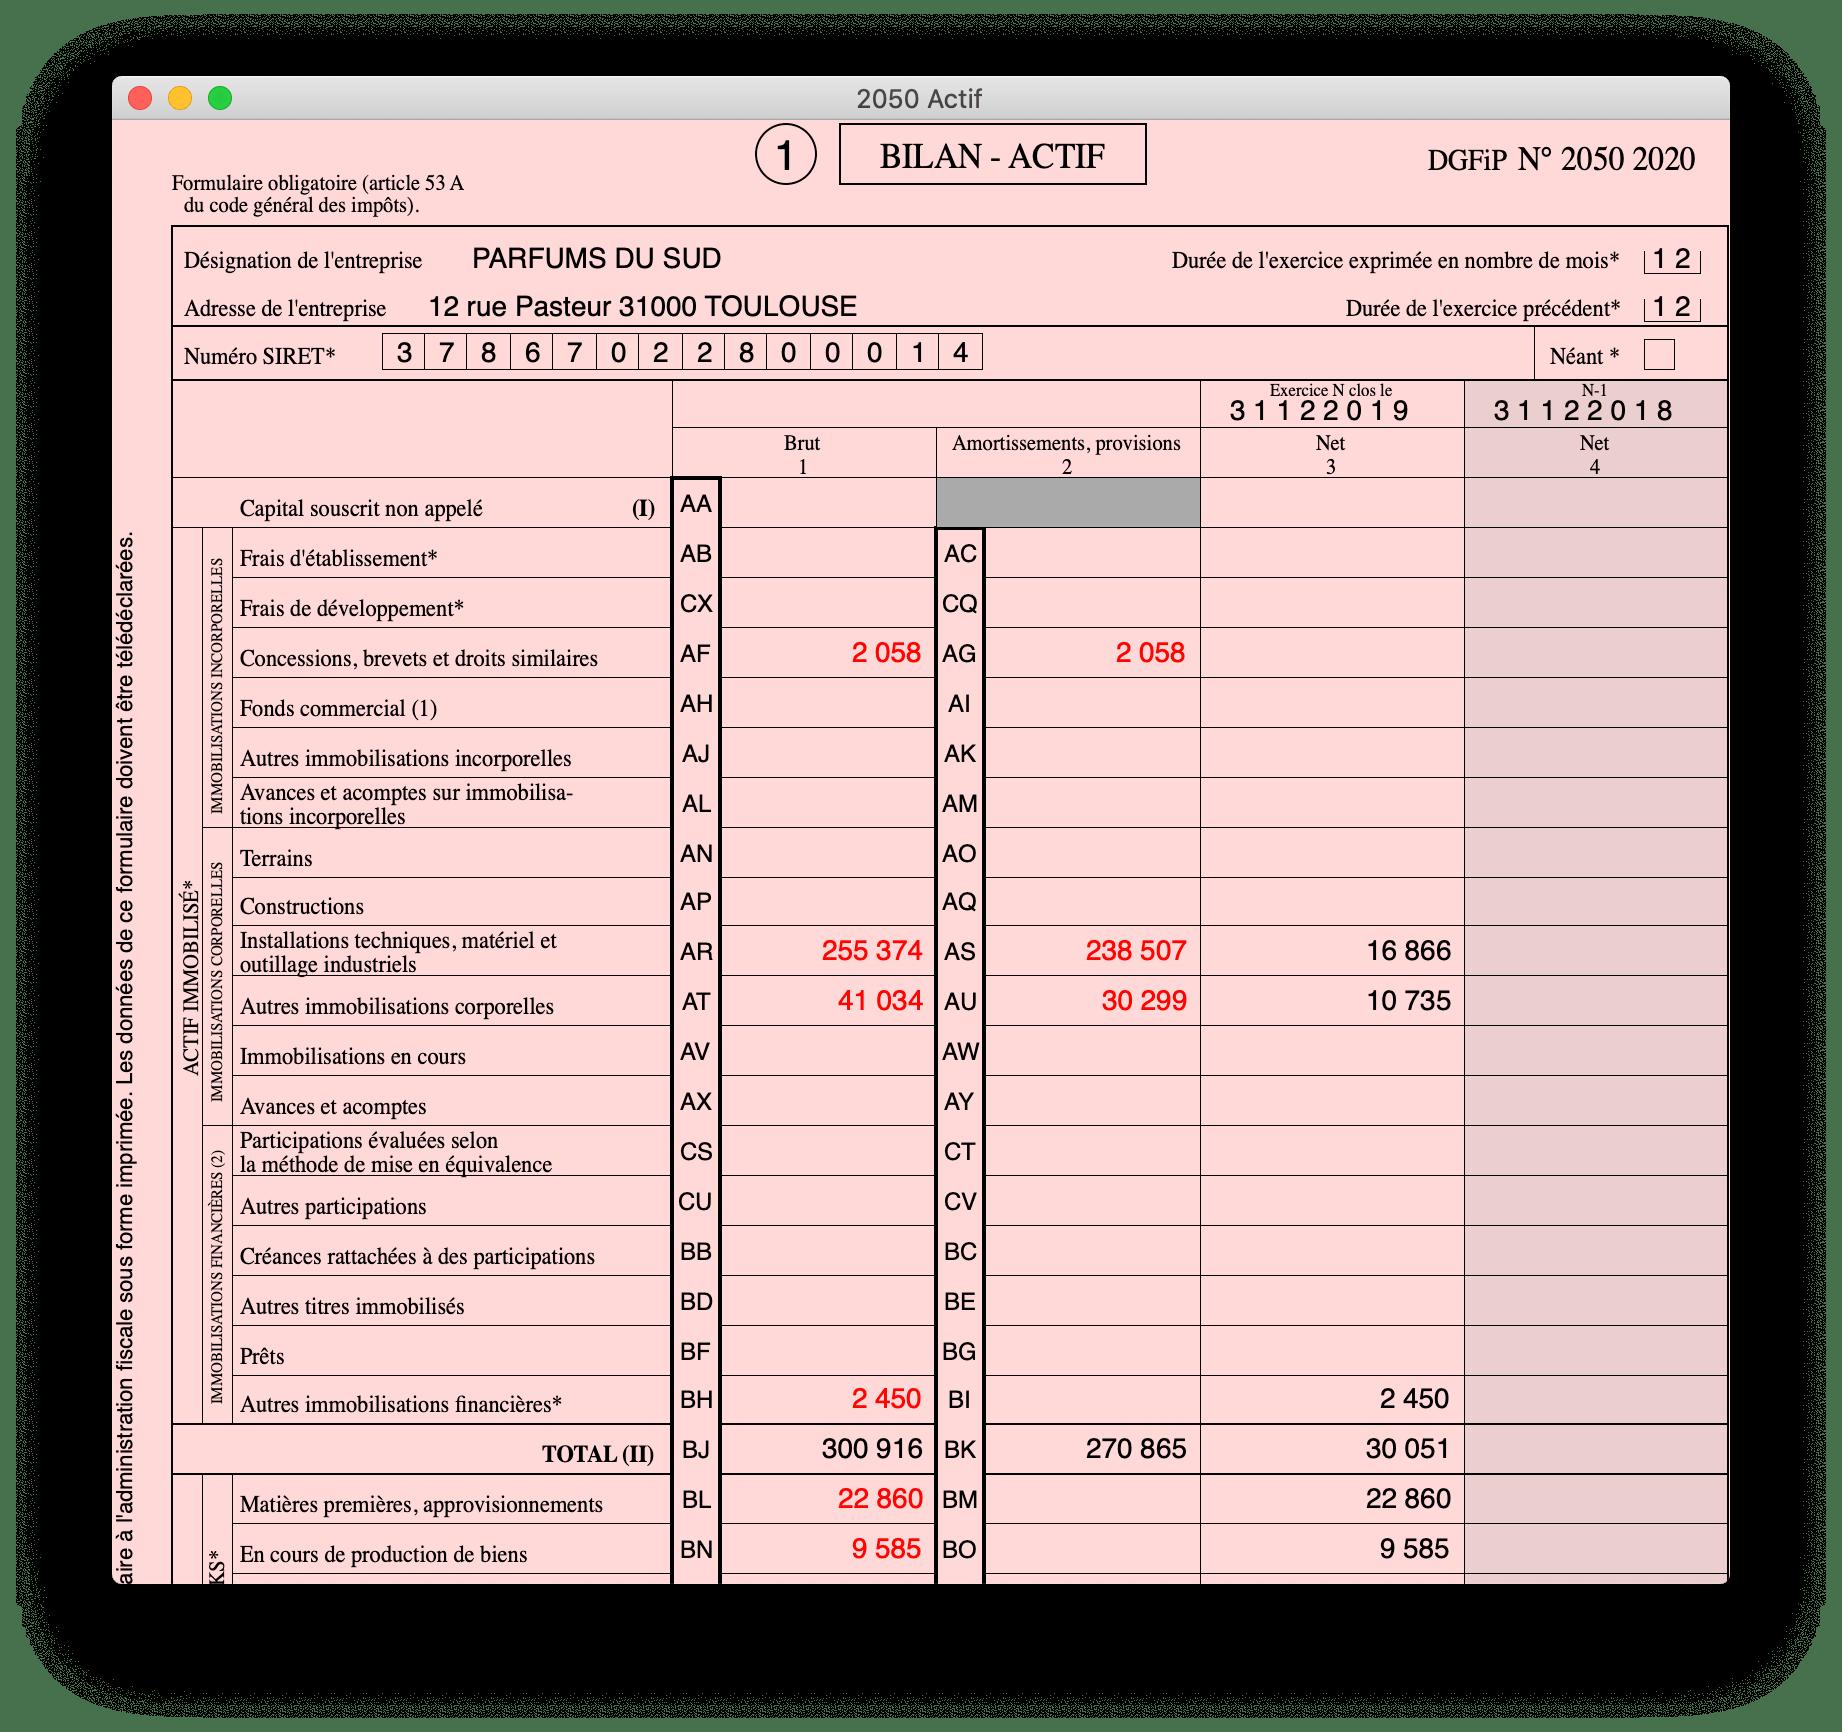 BIC - Régime Normal